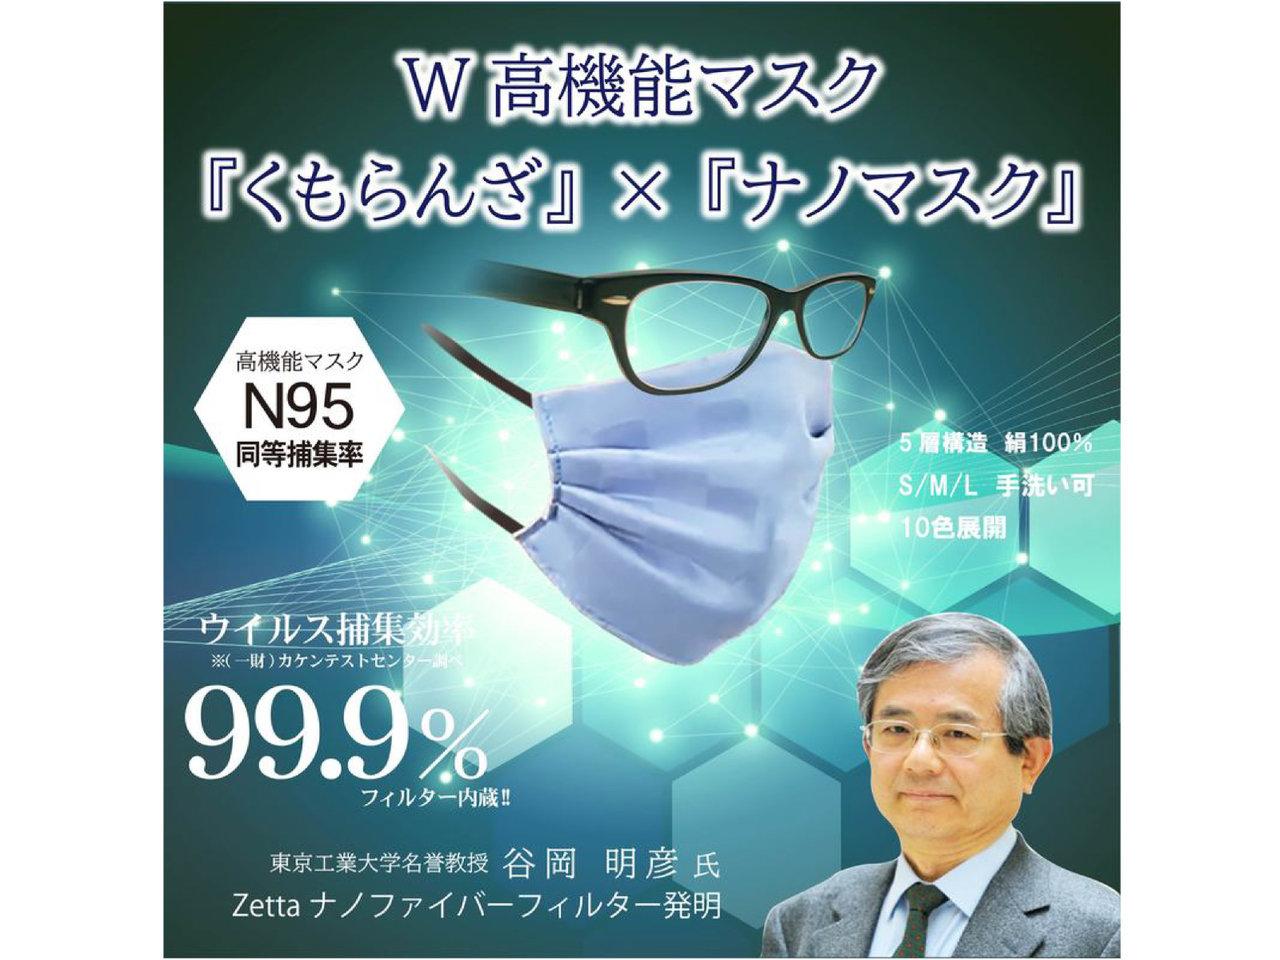 不織布を超える高性能「ナノファイバーフィルター」内蔵の眼鏡が曇りにくいシルクマスクを新発売。